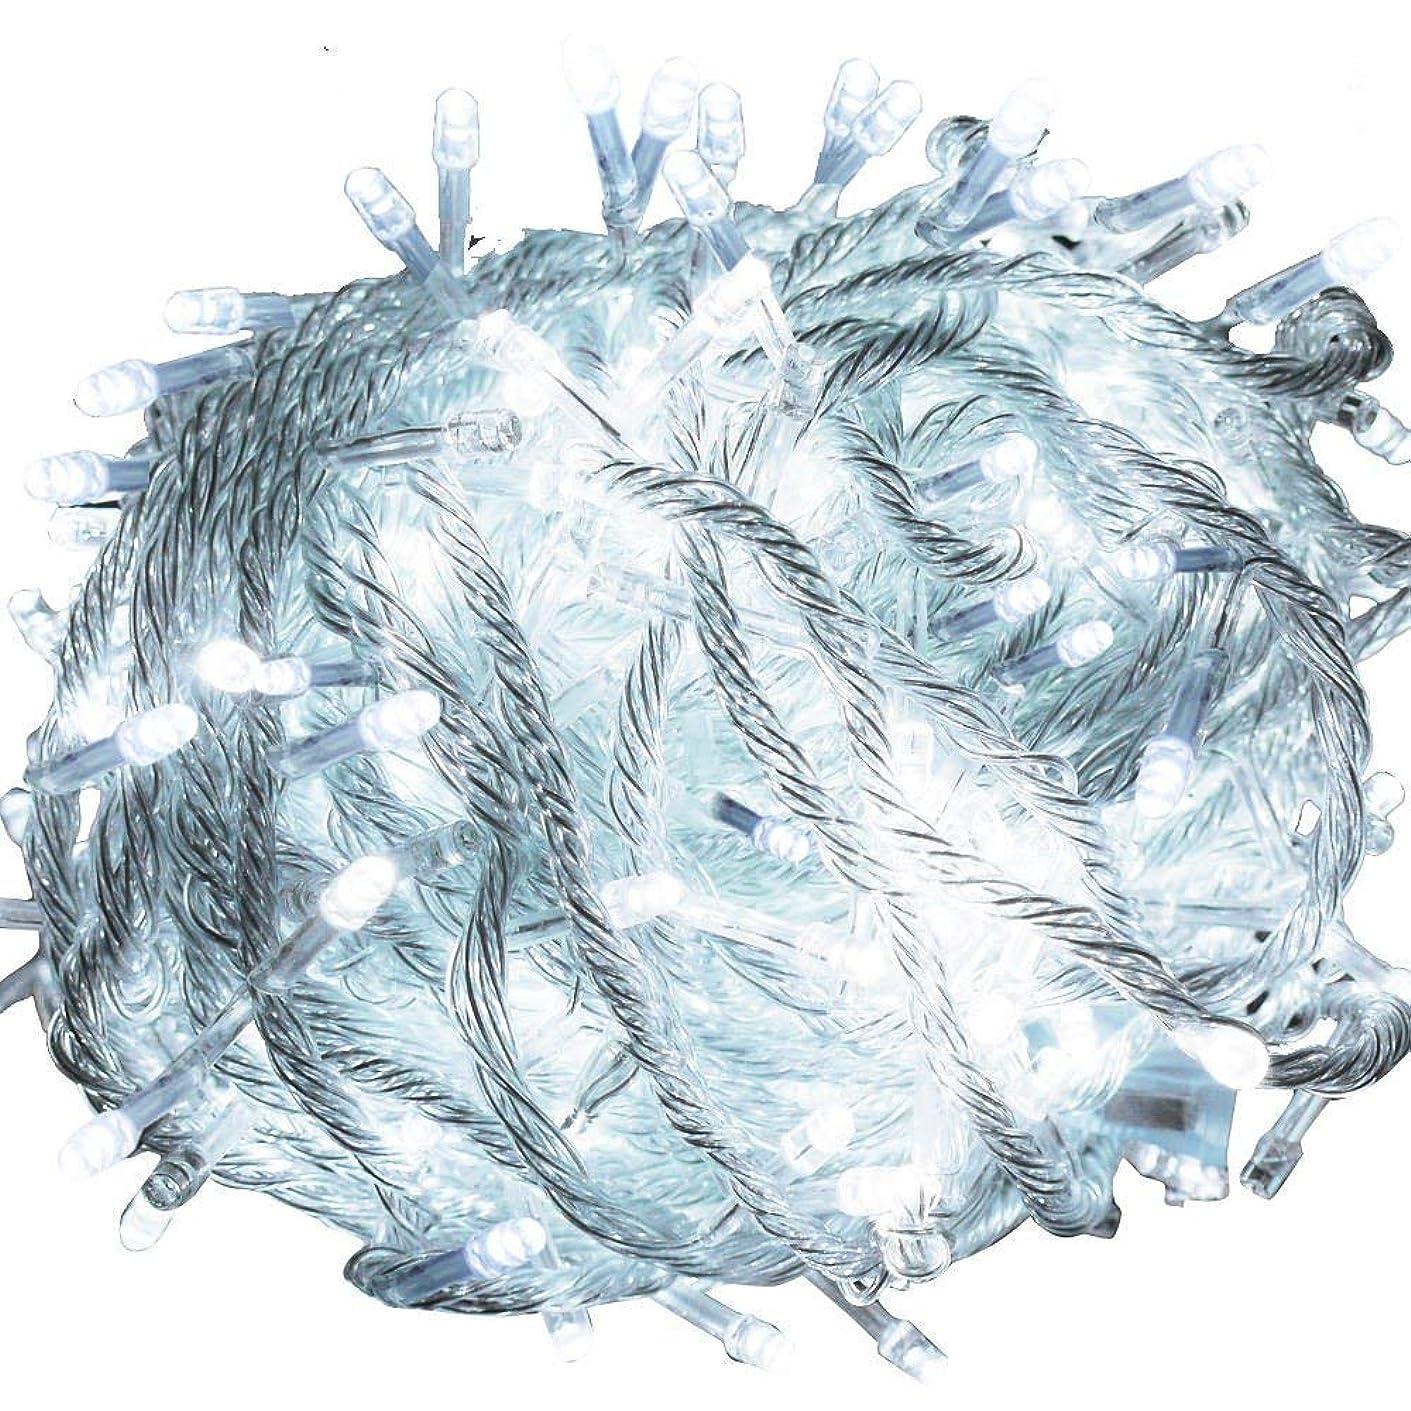 株式指定クルーGOODGOODS LED イルミネーション ライト 30m 500球 クリスマスツリー 飾り 屋外 防水 メモリー機能搭載 ホワイト LD55 白